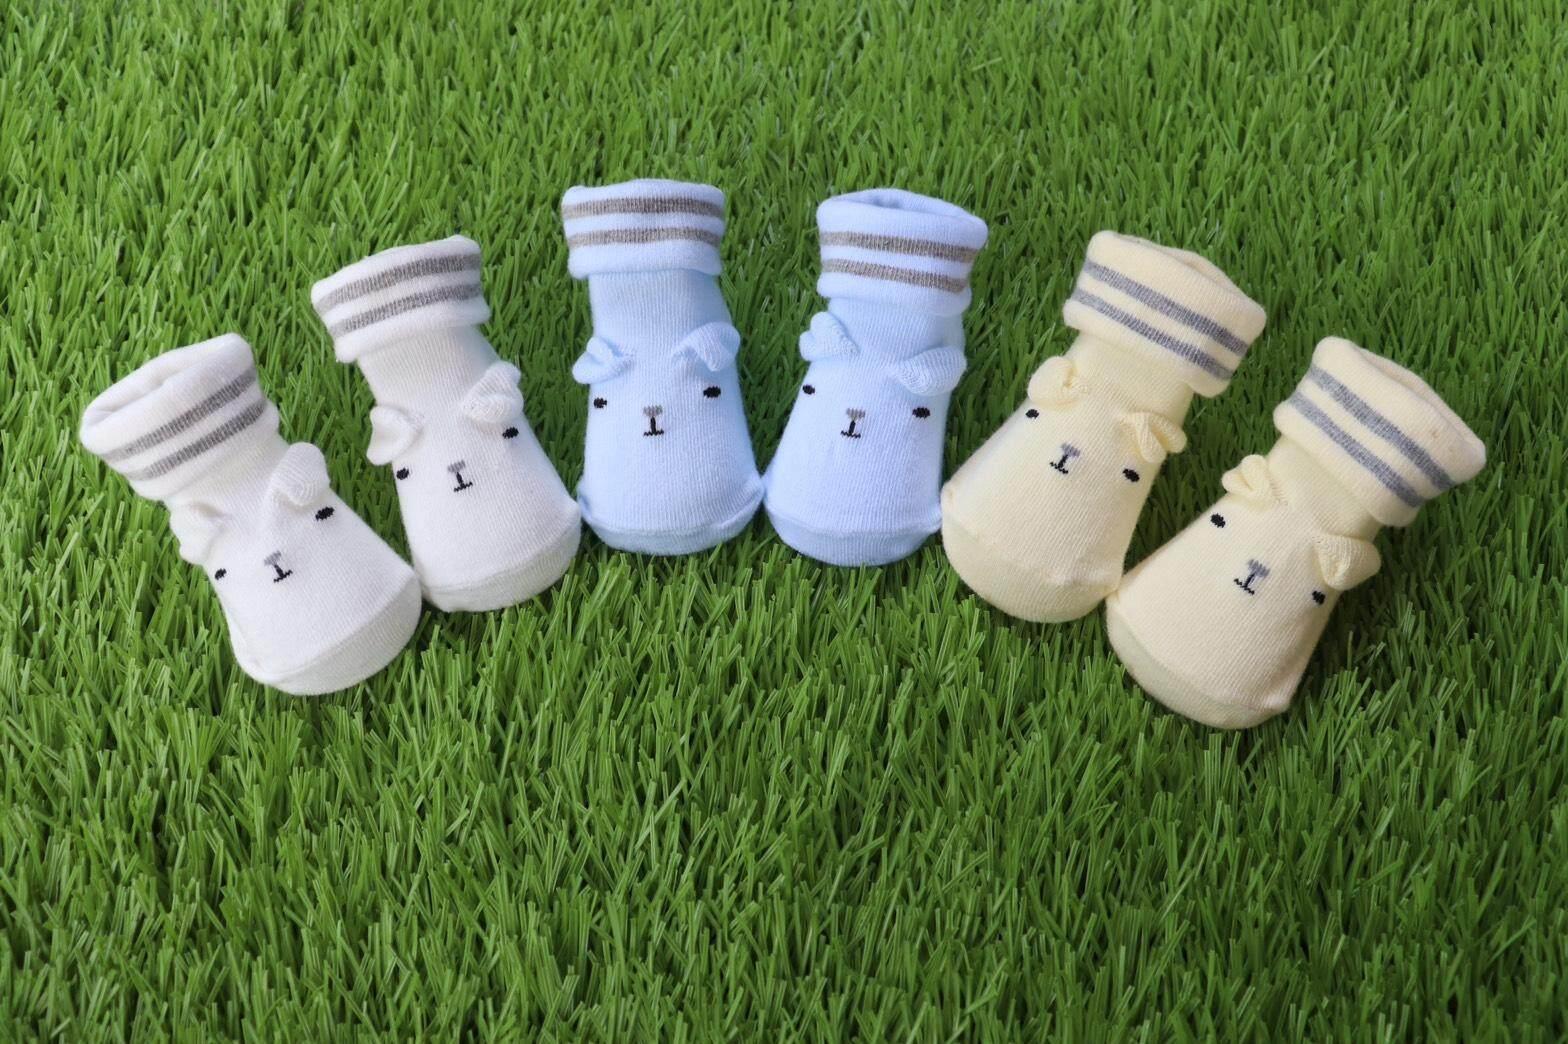 รายละเอียดสินค้า ถุงเท้า ถุงเท้าเด็ก ถุงเท้าเด็กทารก ถุงเท้ากันลื่น ถุงเท้า 0-6เดือน (แพ็ค3คู่) คละสี